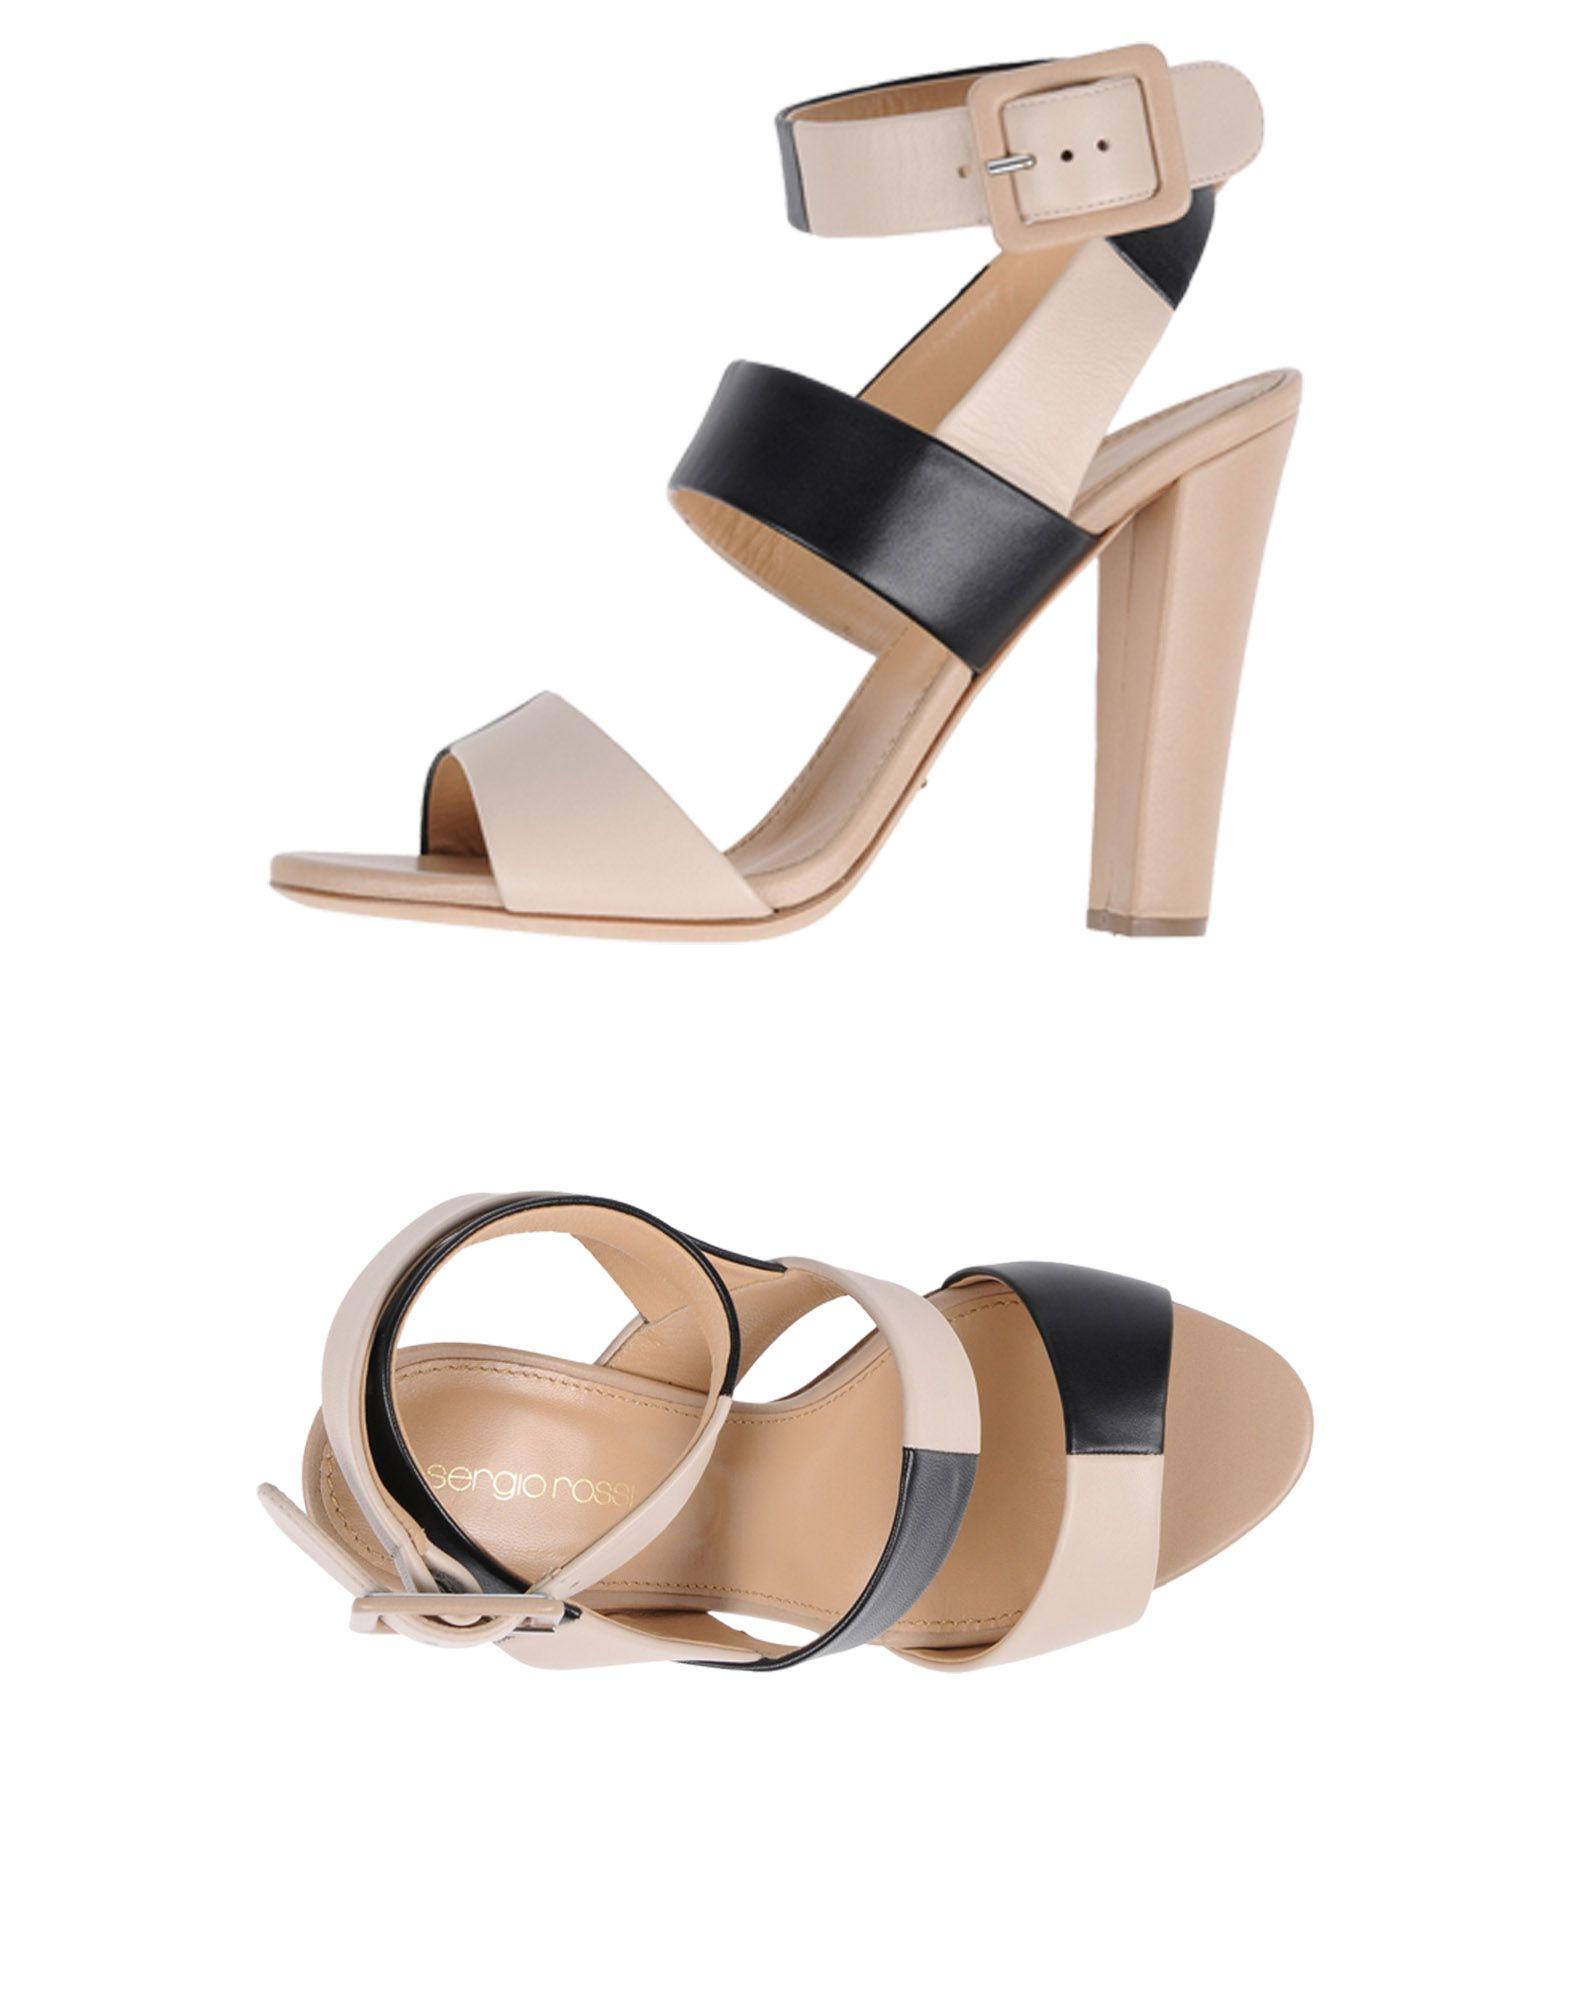 Sergio Rossi Sandalen Damen  11433957SPGut aussehende strapazierfähige Schuhe